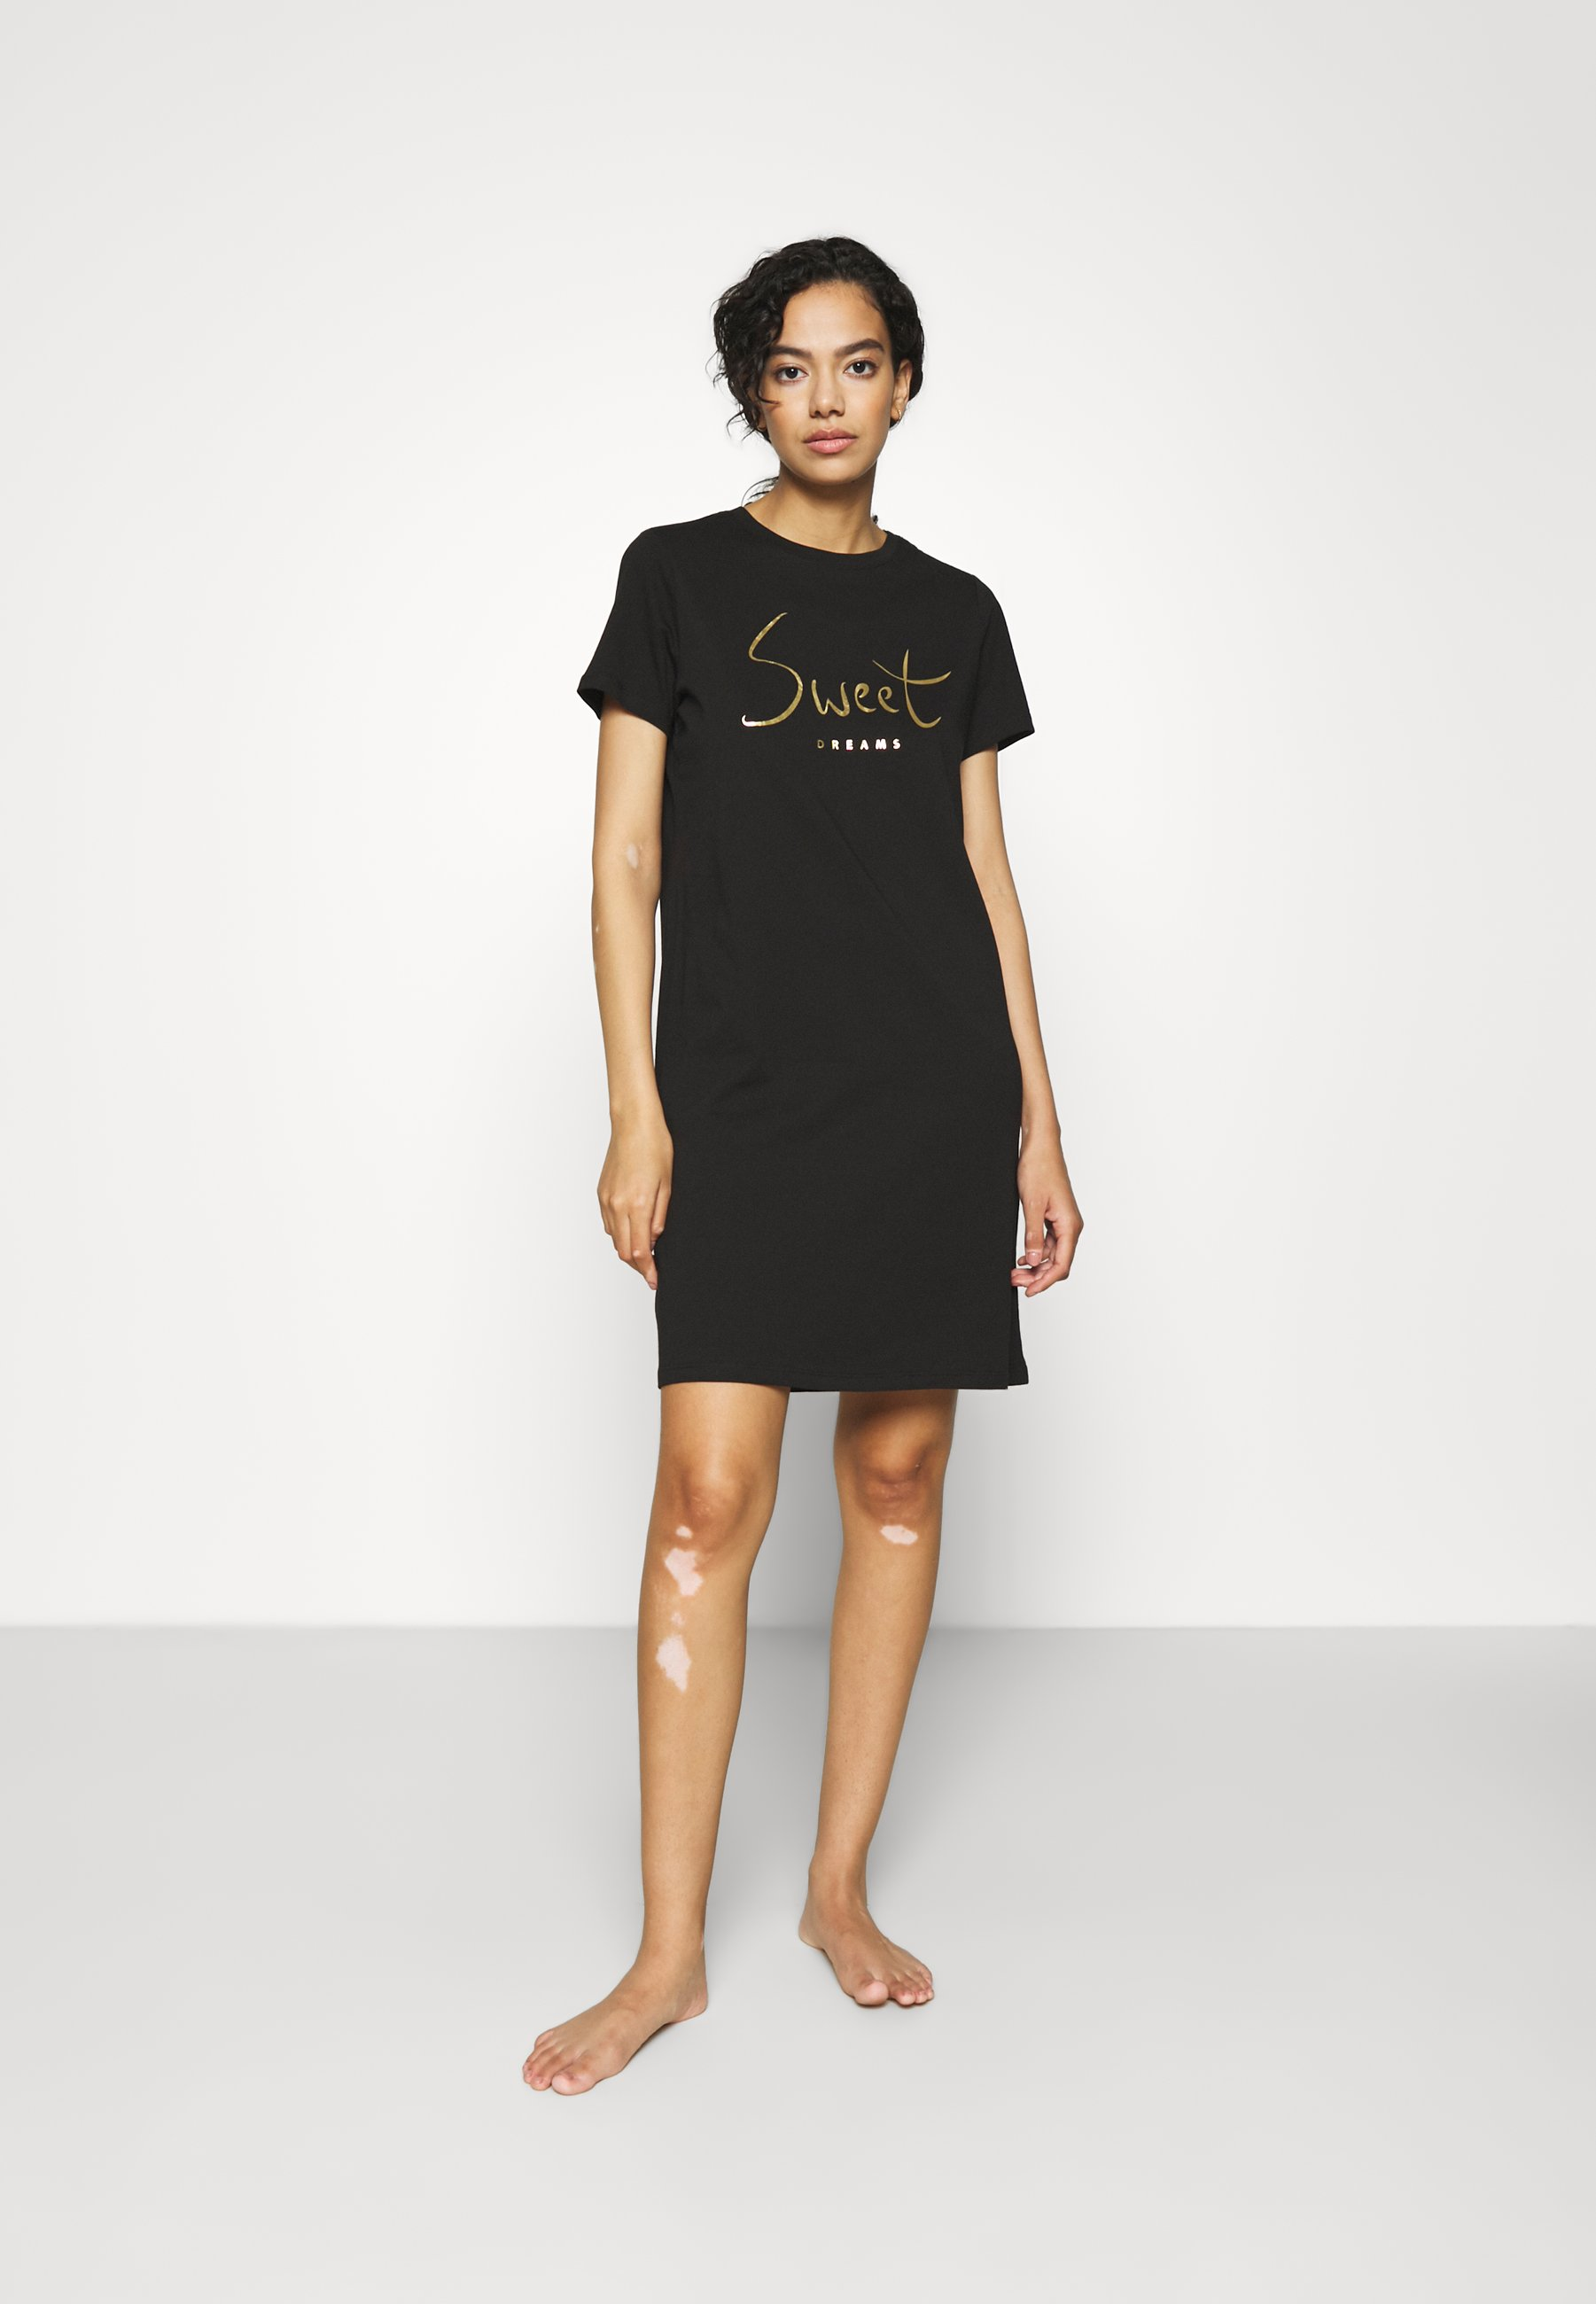 Donna ONLEMELIE NIGHTWEAR DRESSSWEET DREAMS NIGHT DRESS - Camicia da notte - black